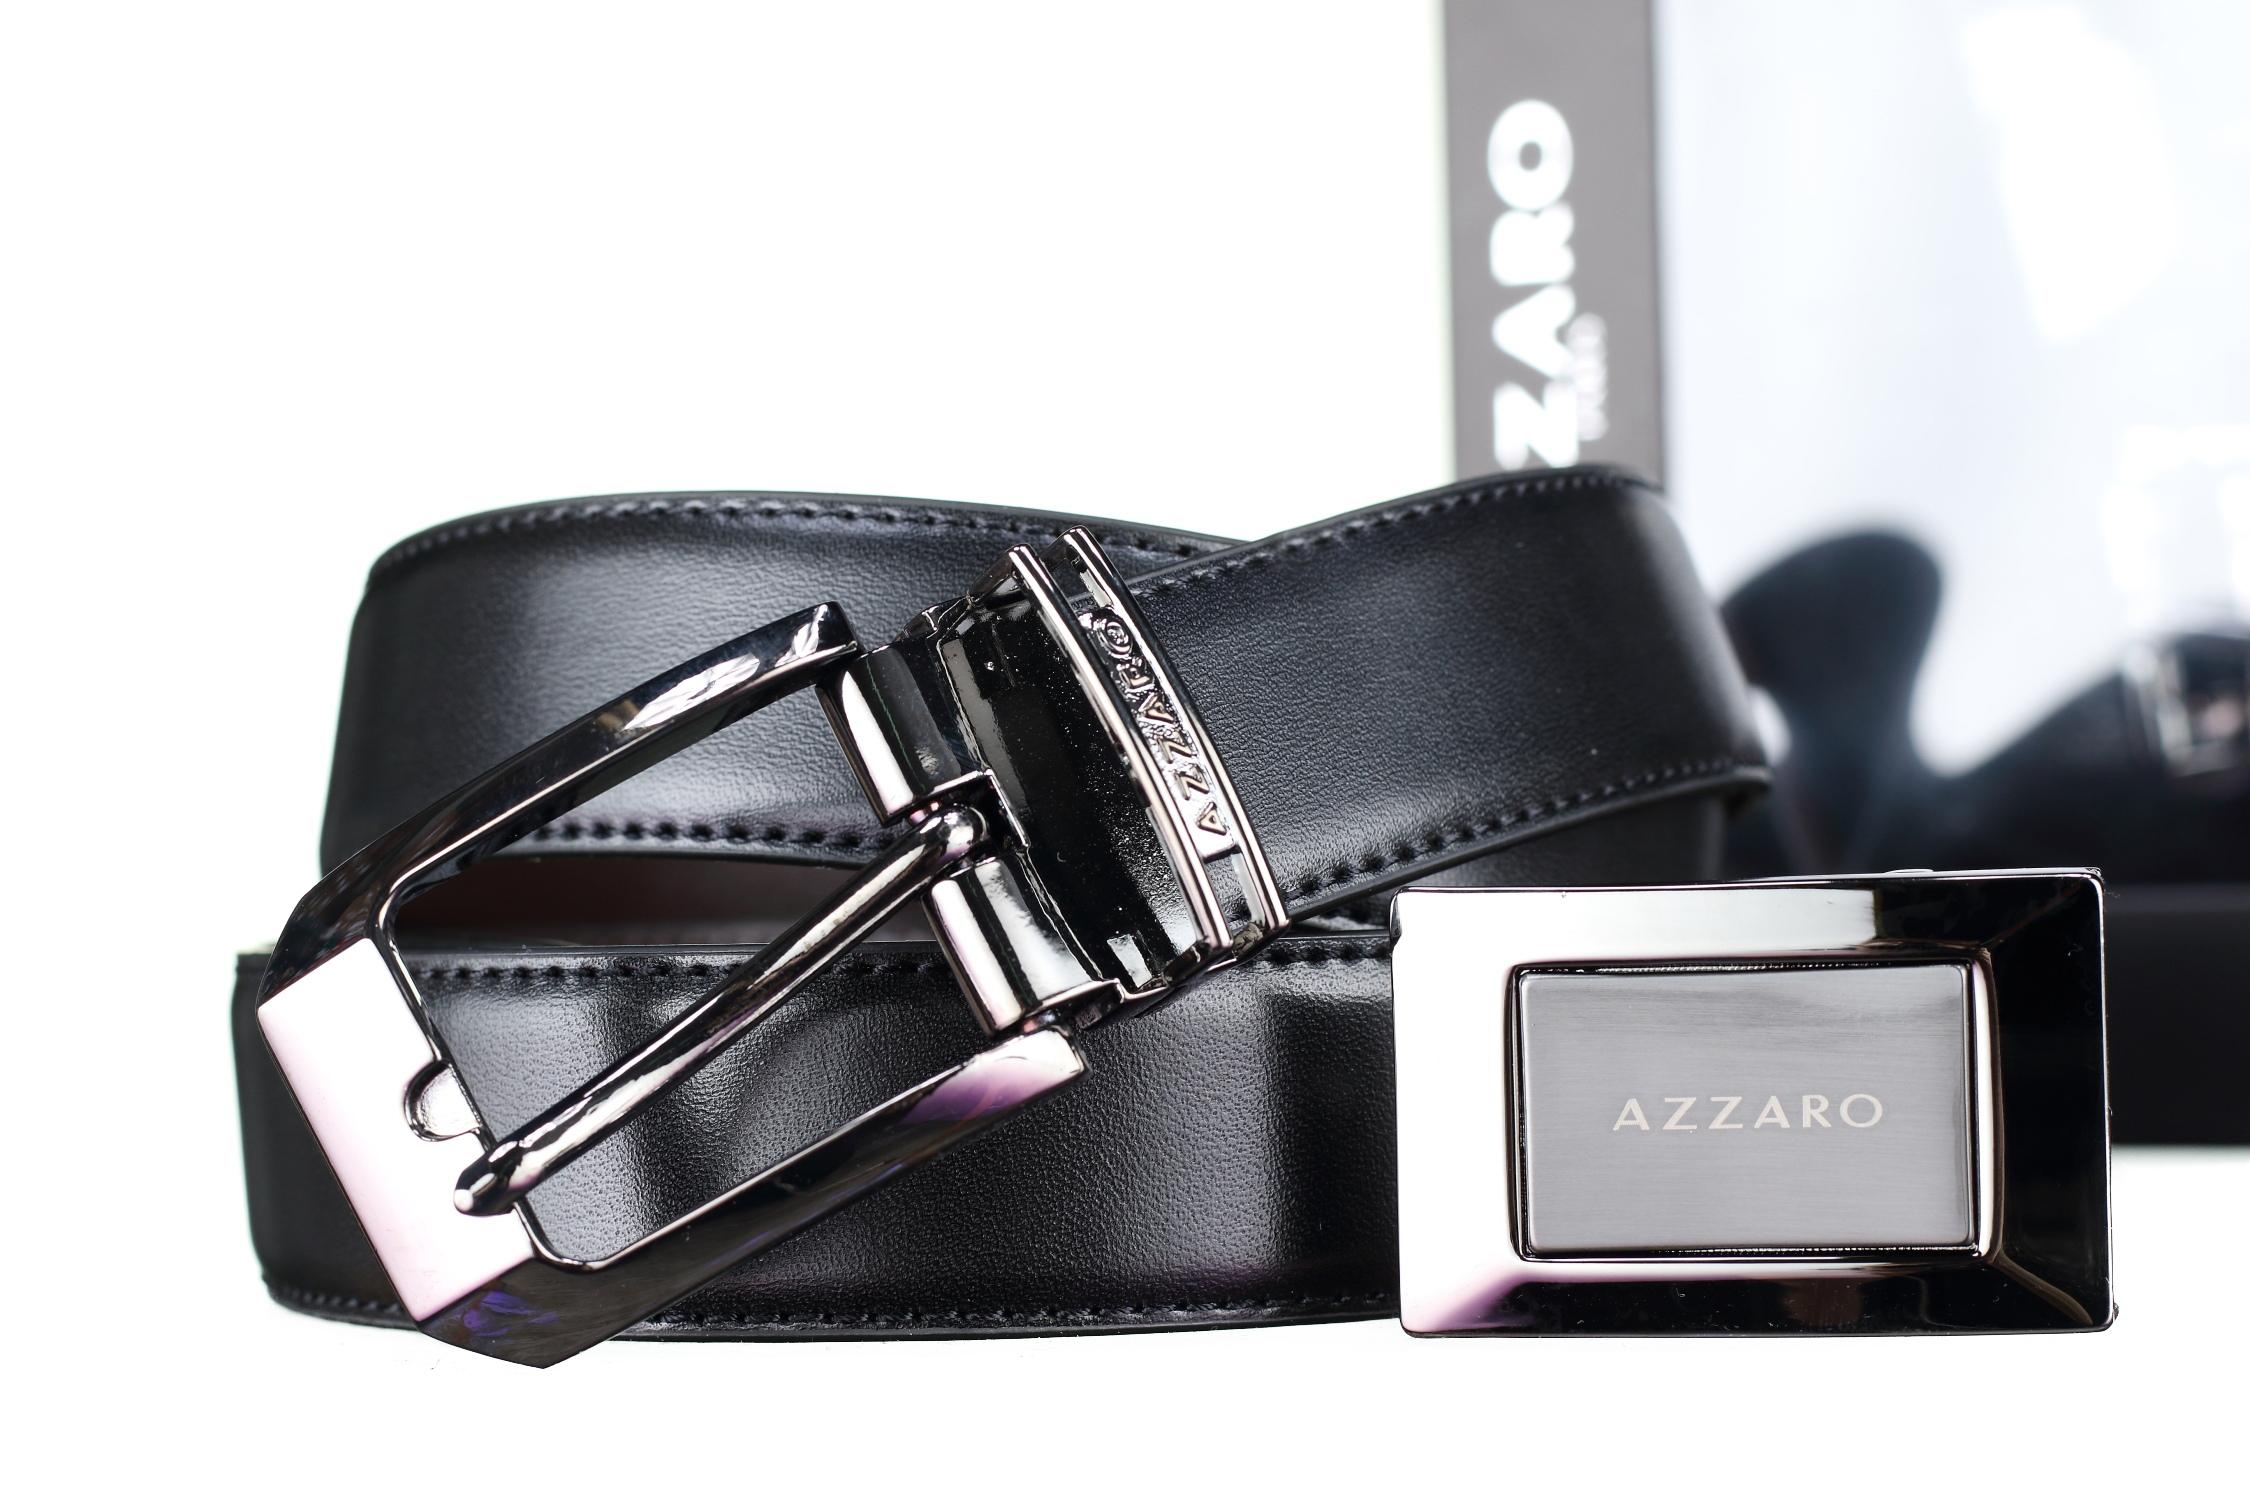 http://www.leadermode.com/137182/azzaro-coffret-2-boucles-884-new-reversible-noir-marron.jpg